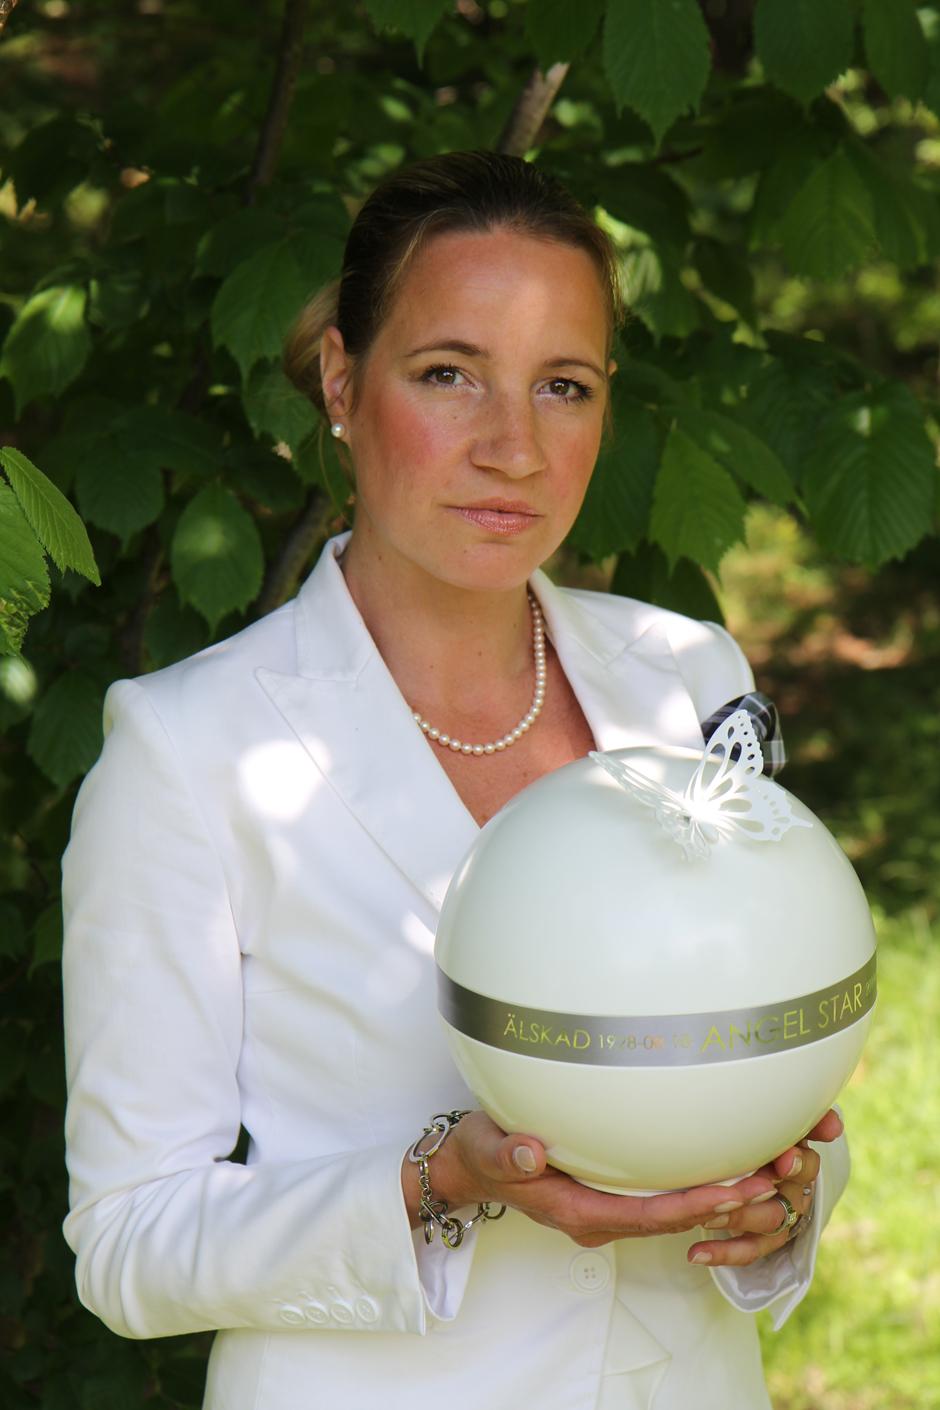 Susanne-Appel